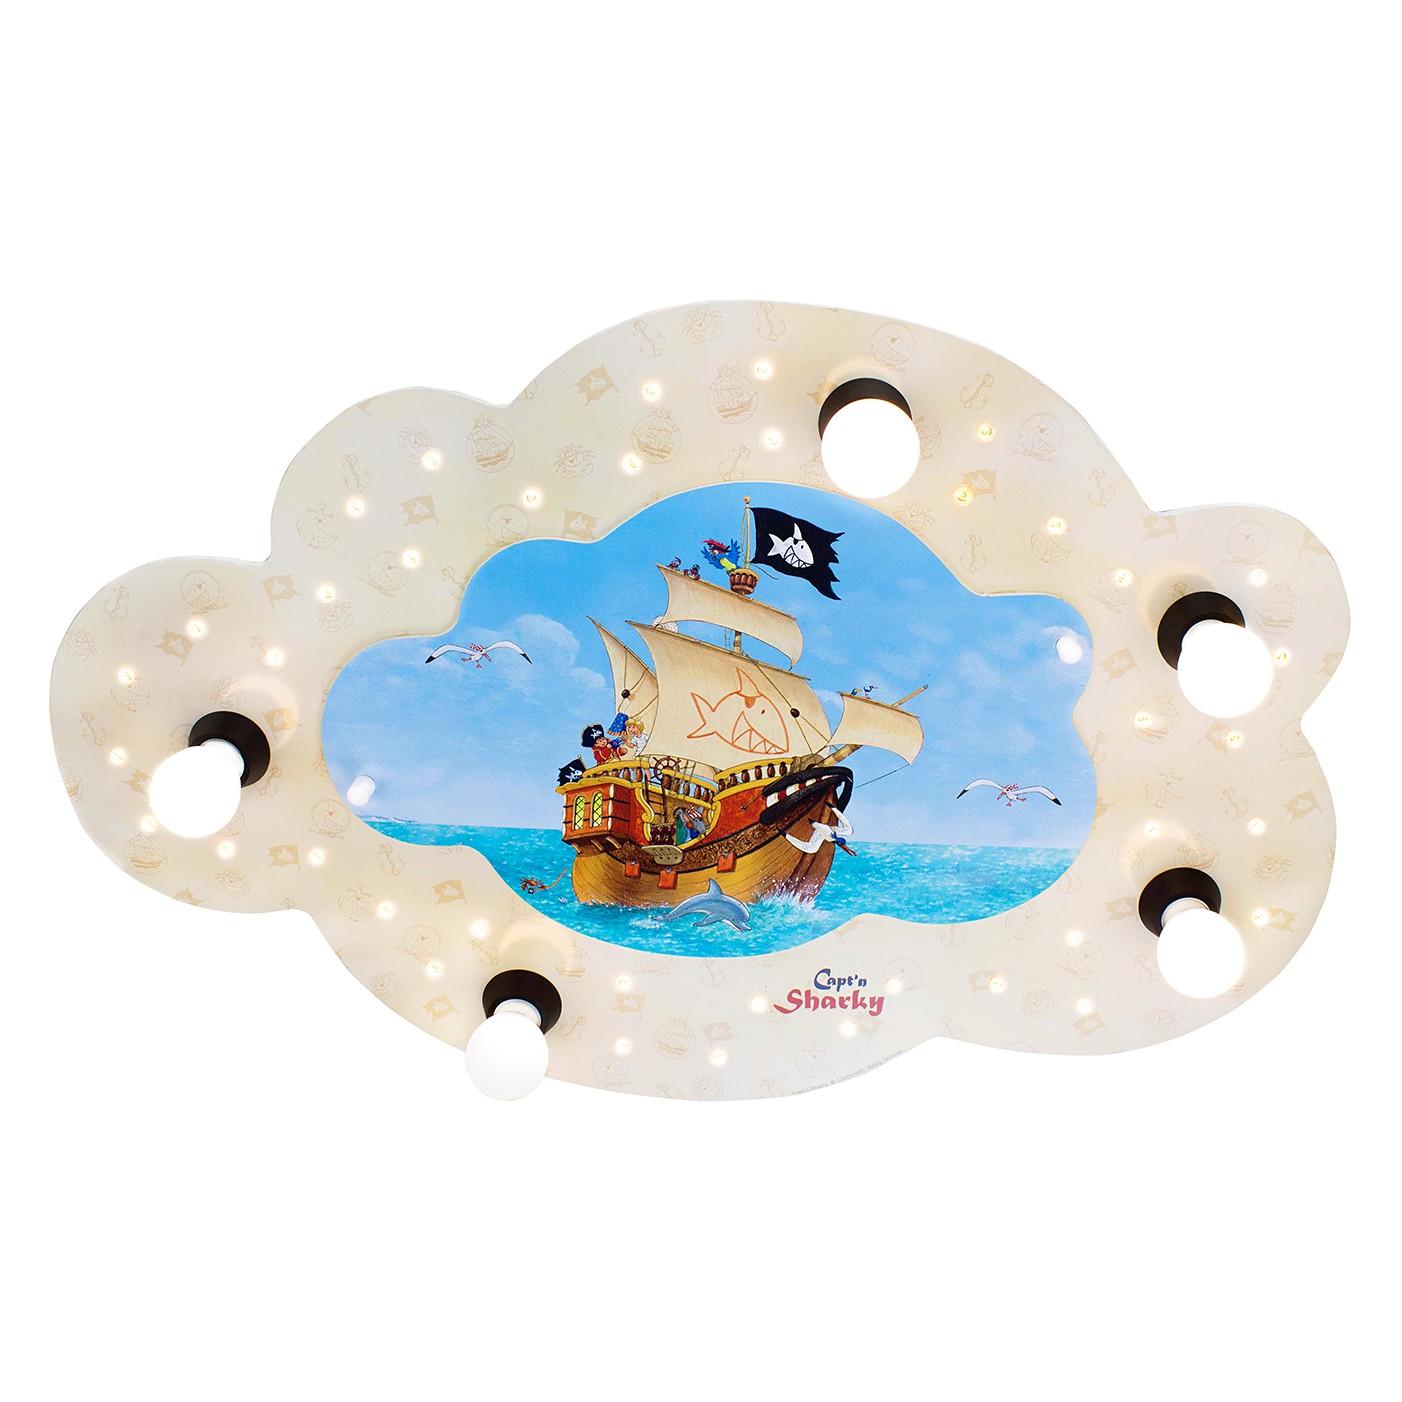 Plafonnier nuage Captn Sharky